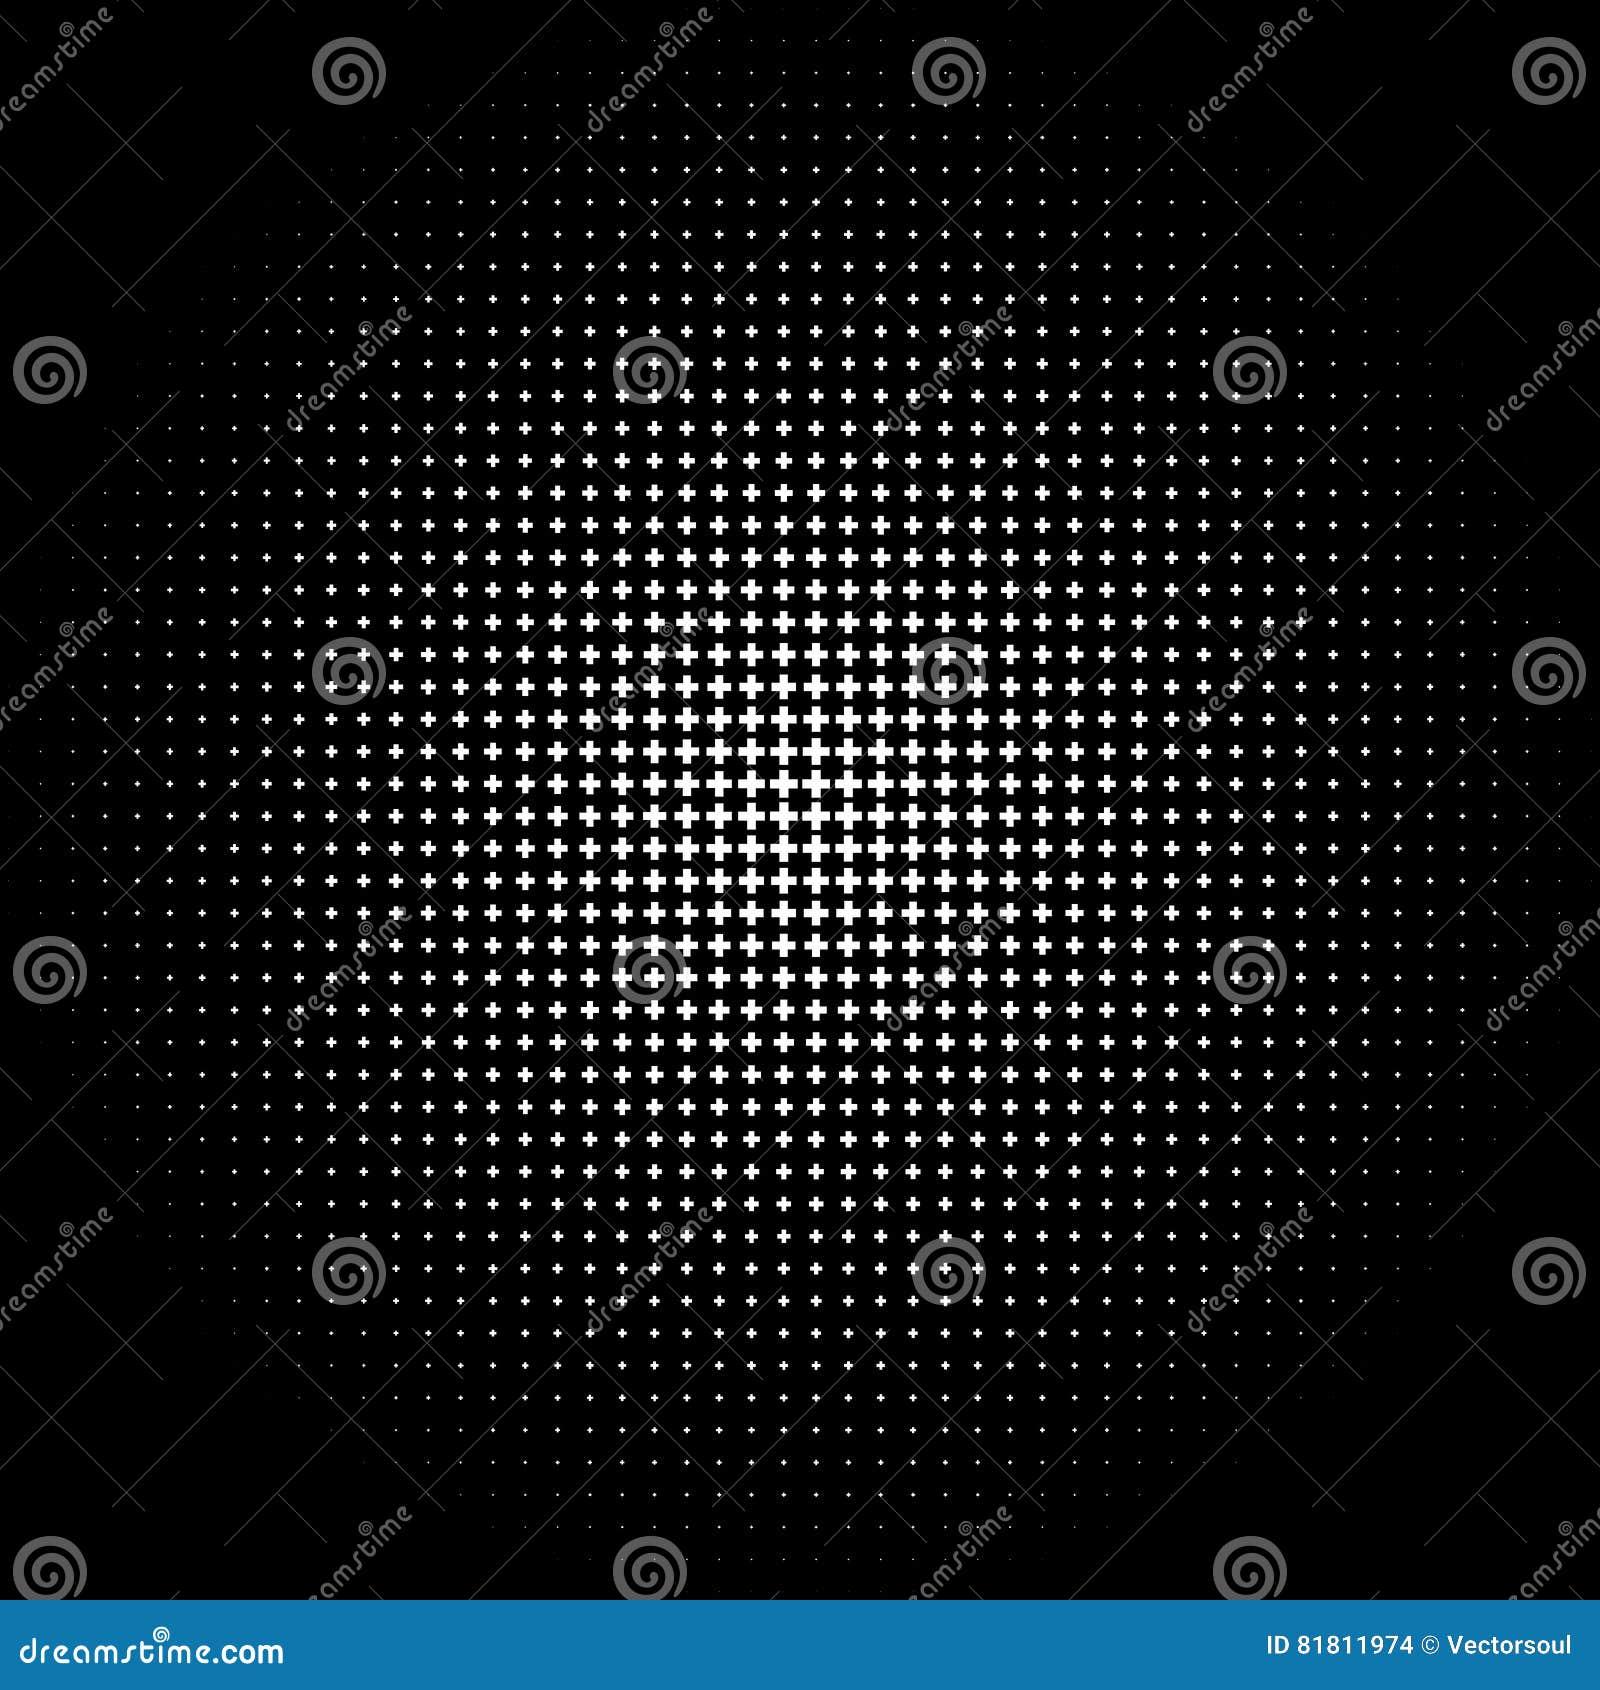 Полутоновое изображение любит элемент крестов Однокрасочное абстрактное изображение